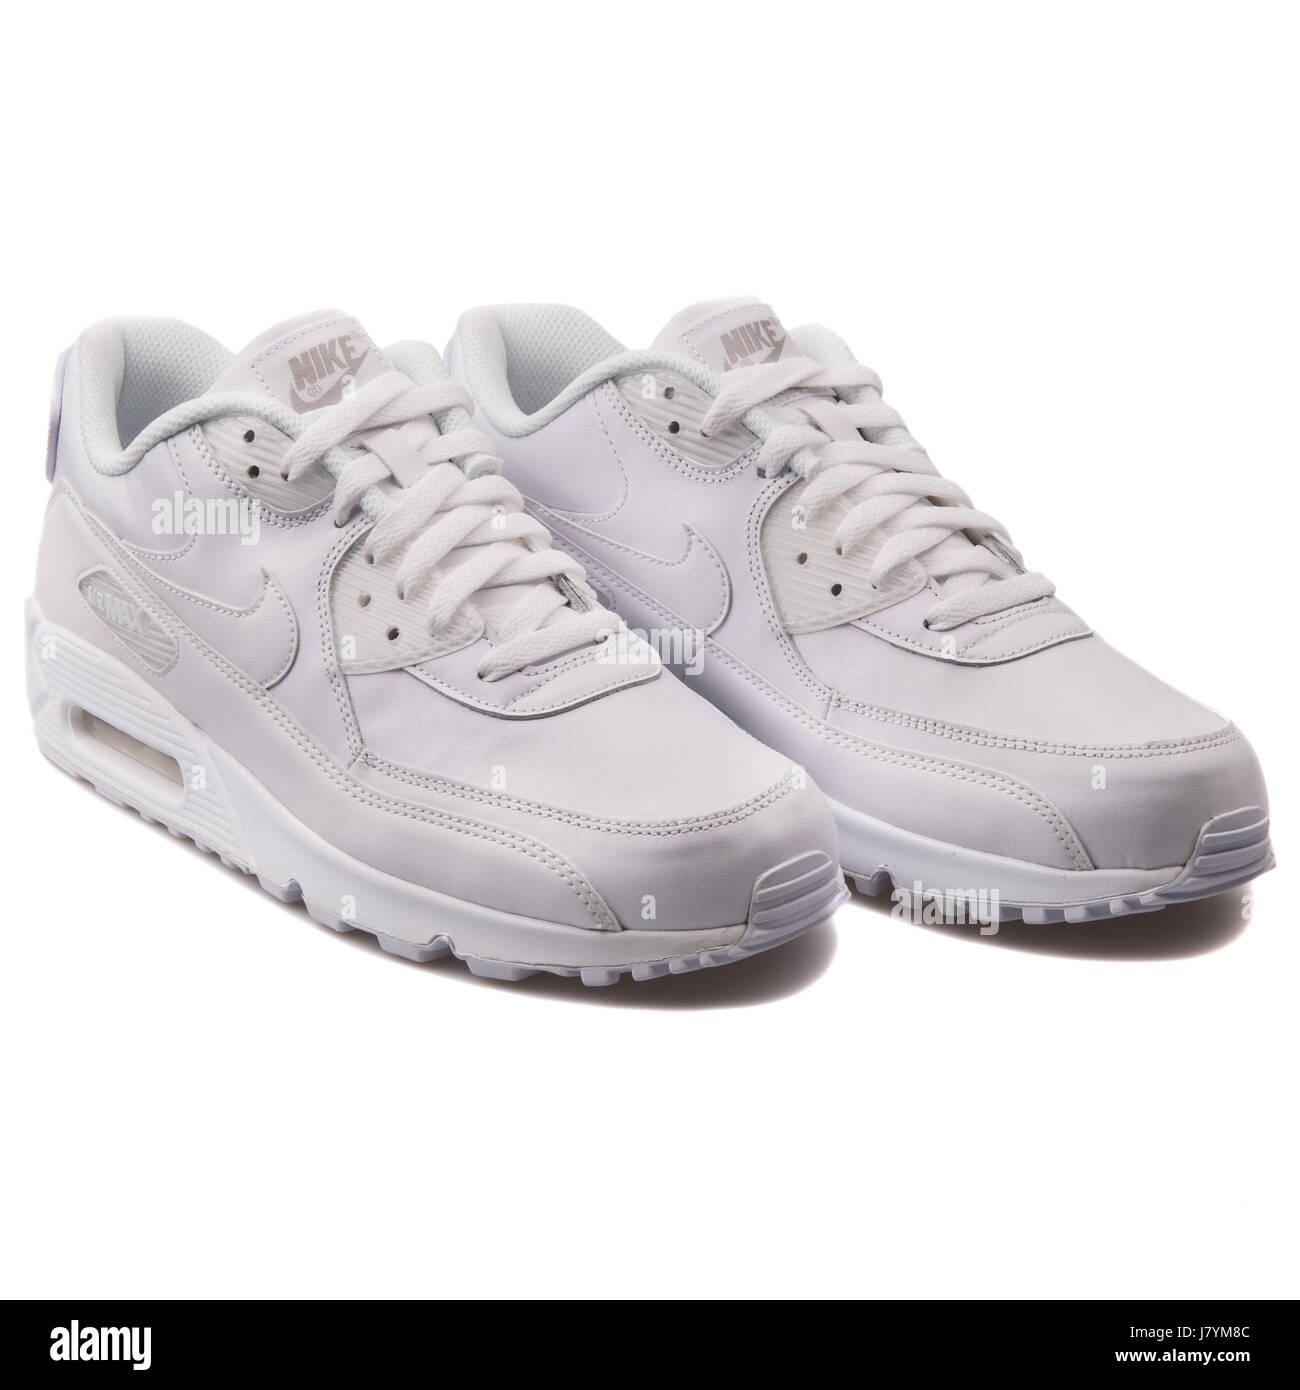 f3fdad2b Nike Air Max 90 Hommes blanc cuir chaussures de sport en cuir - 302519-113